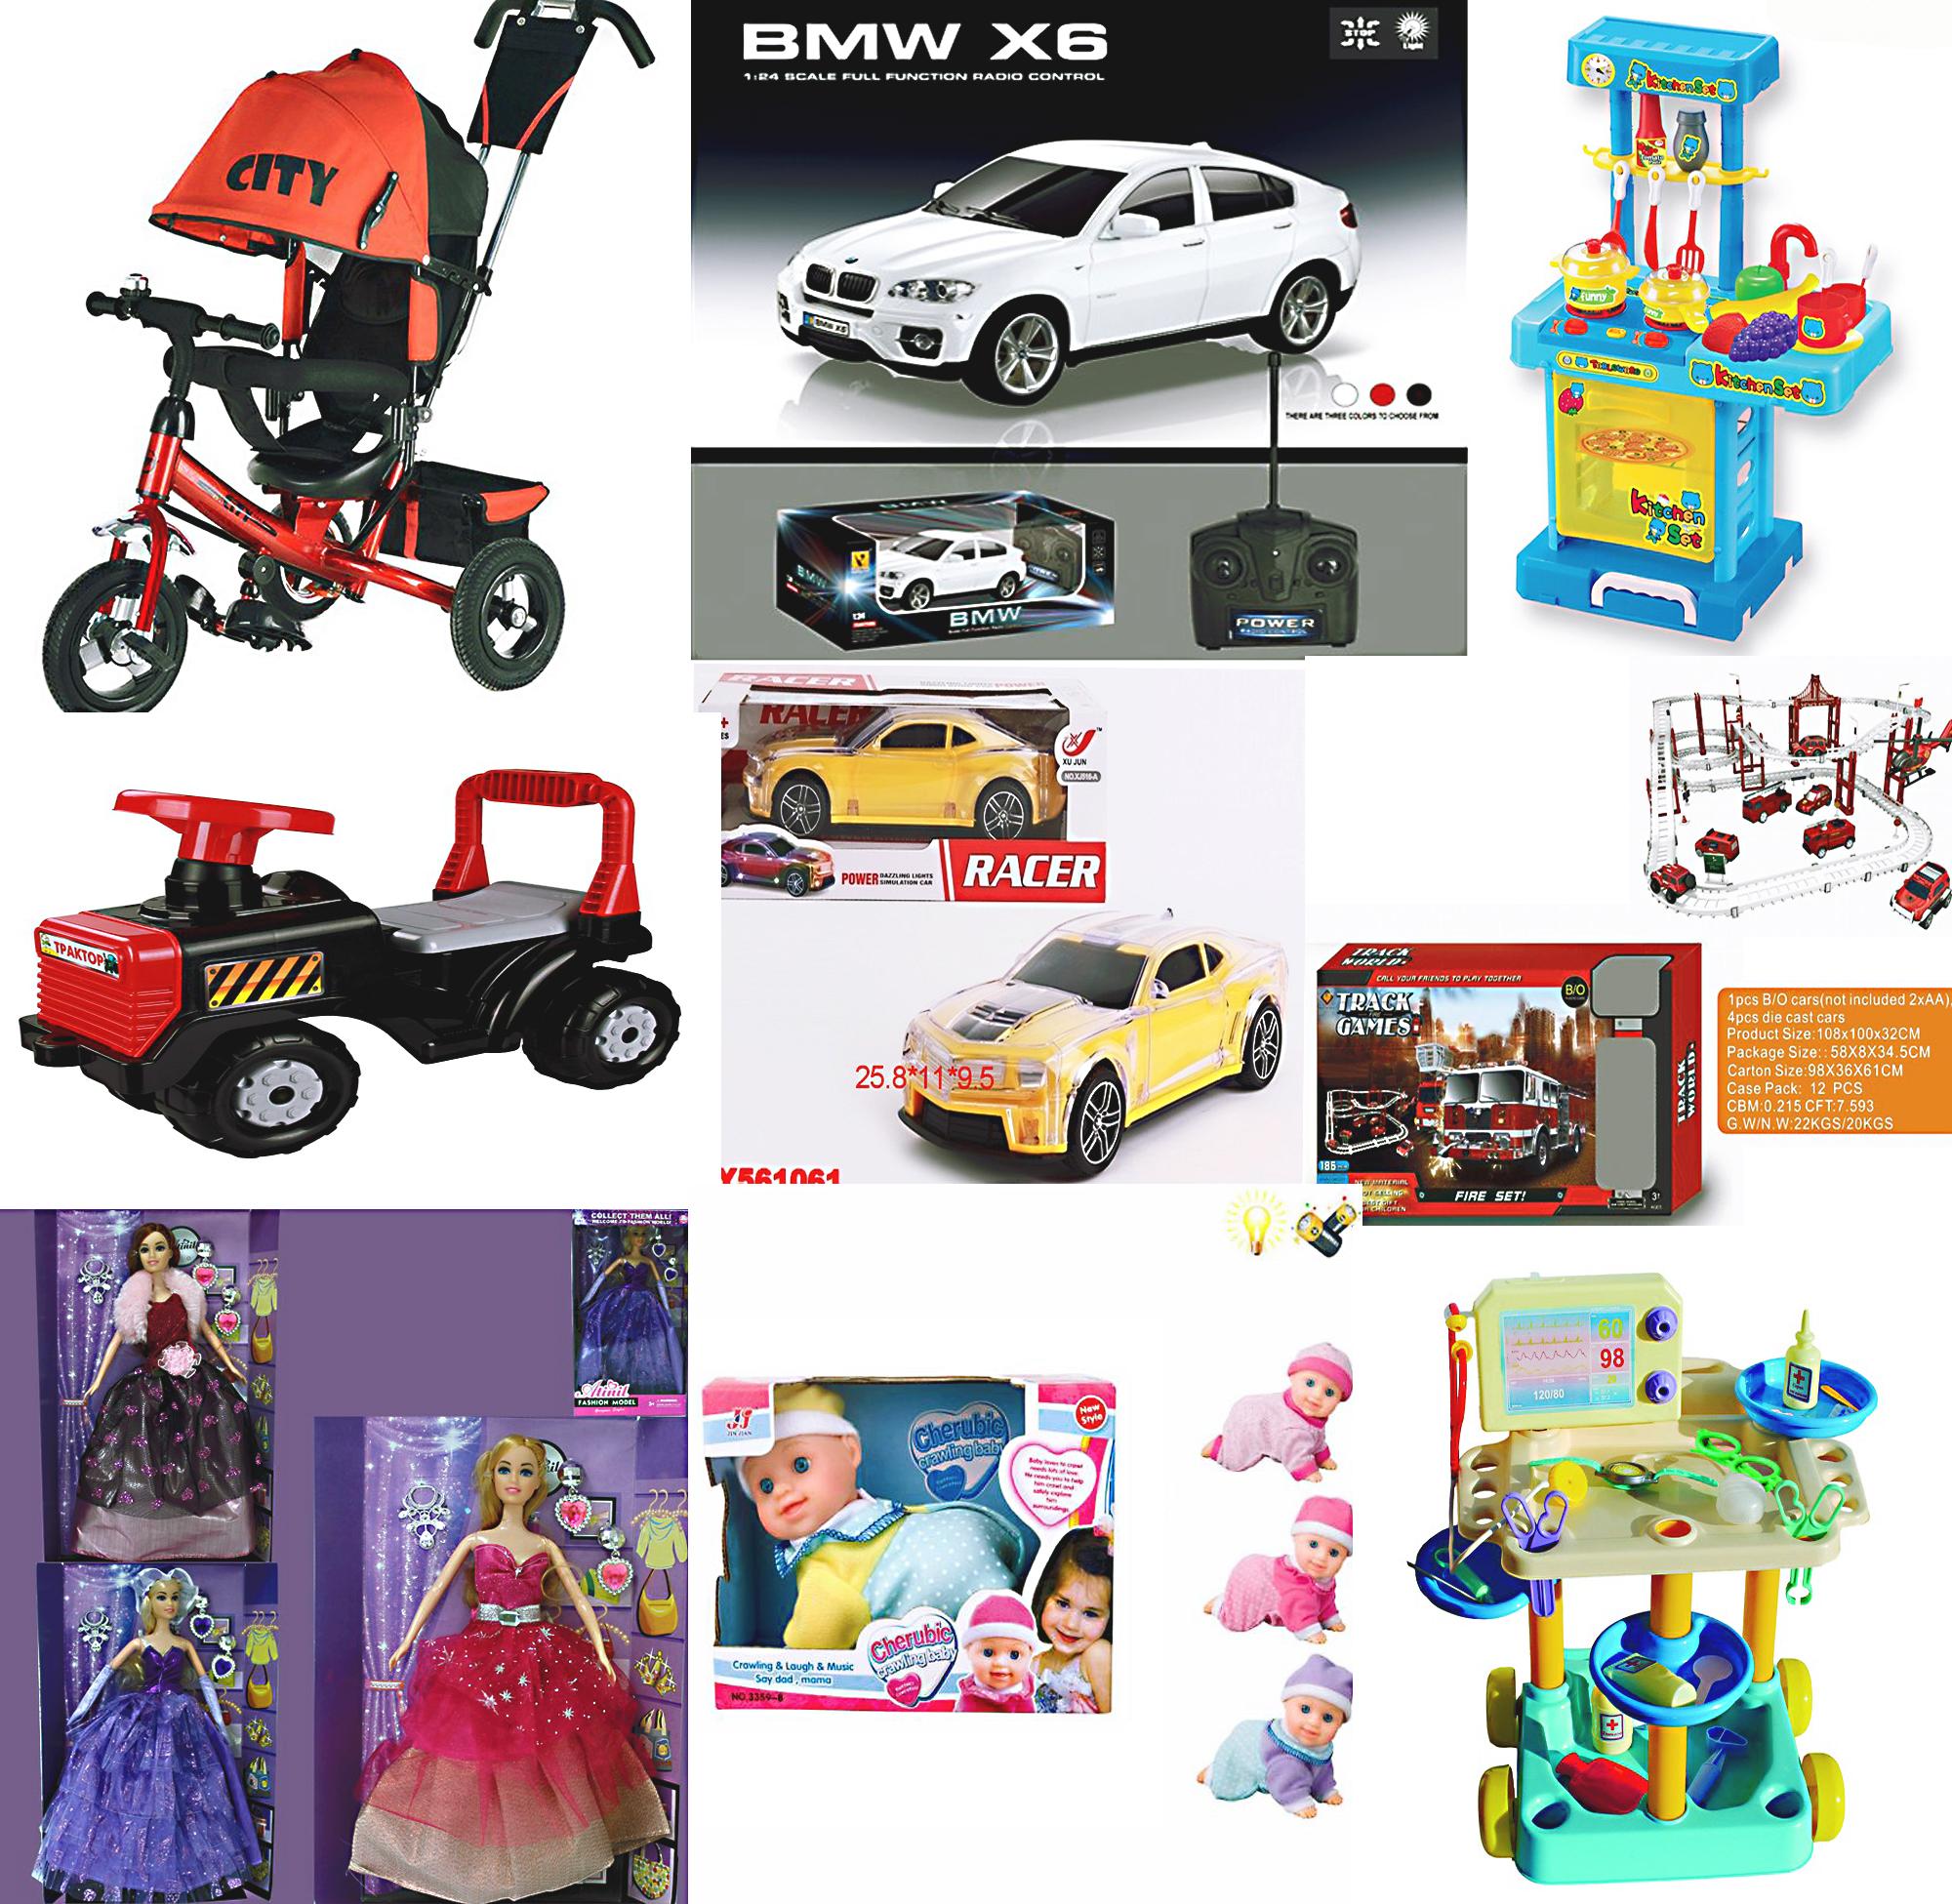 Сбор заказов. Игрушки по СУПЕР ценам, игровые наборы для мальчиков и девочек, куклы, автомобили, инерционные игрушки, а так же велосипеды 2-х, 3-х колесные, беговелы, толокары и многое другое. Выкуп 1.